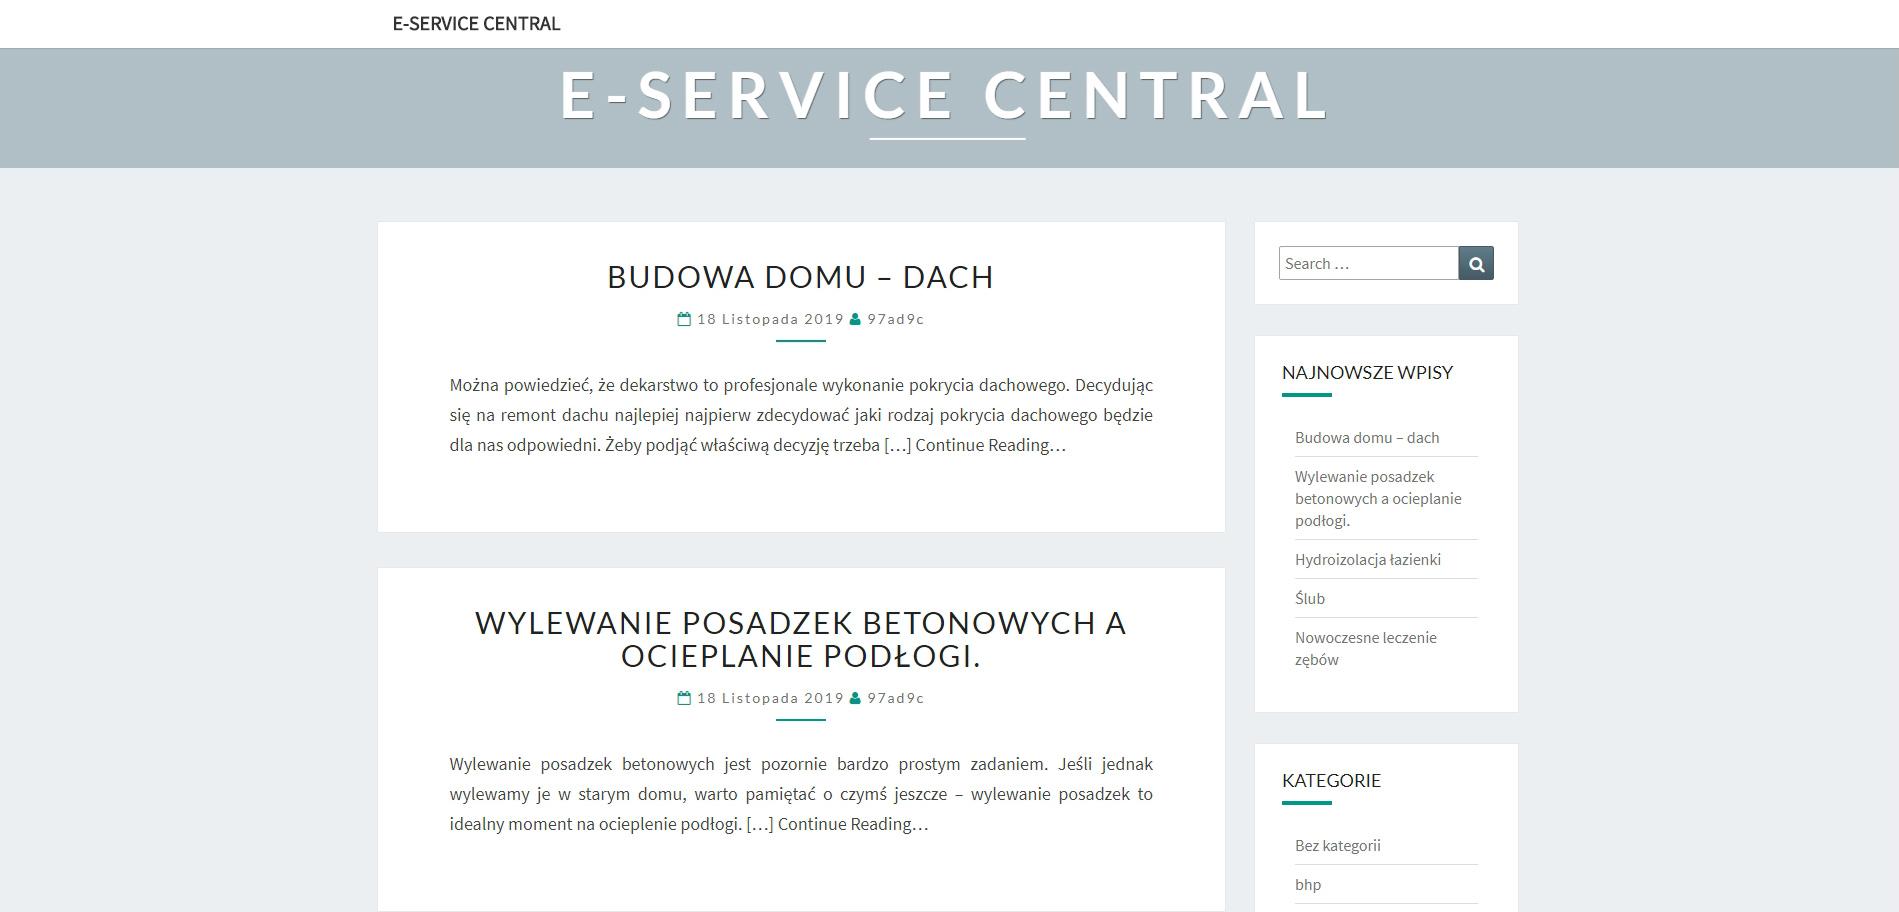 e-service-central-pl-eurocoin